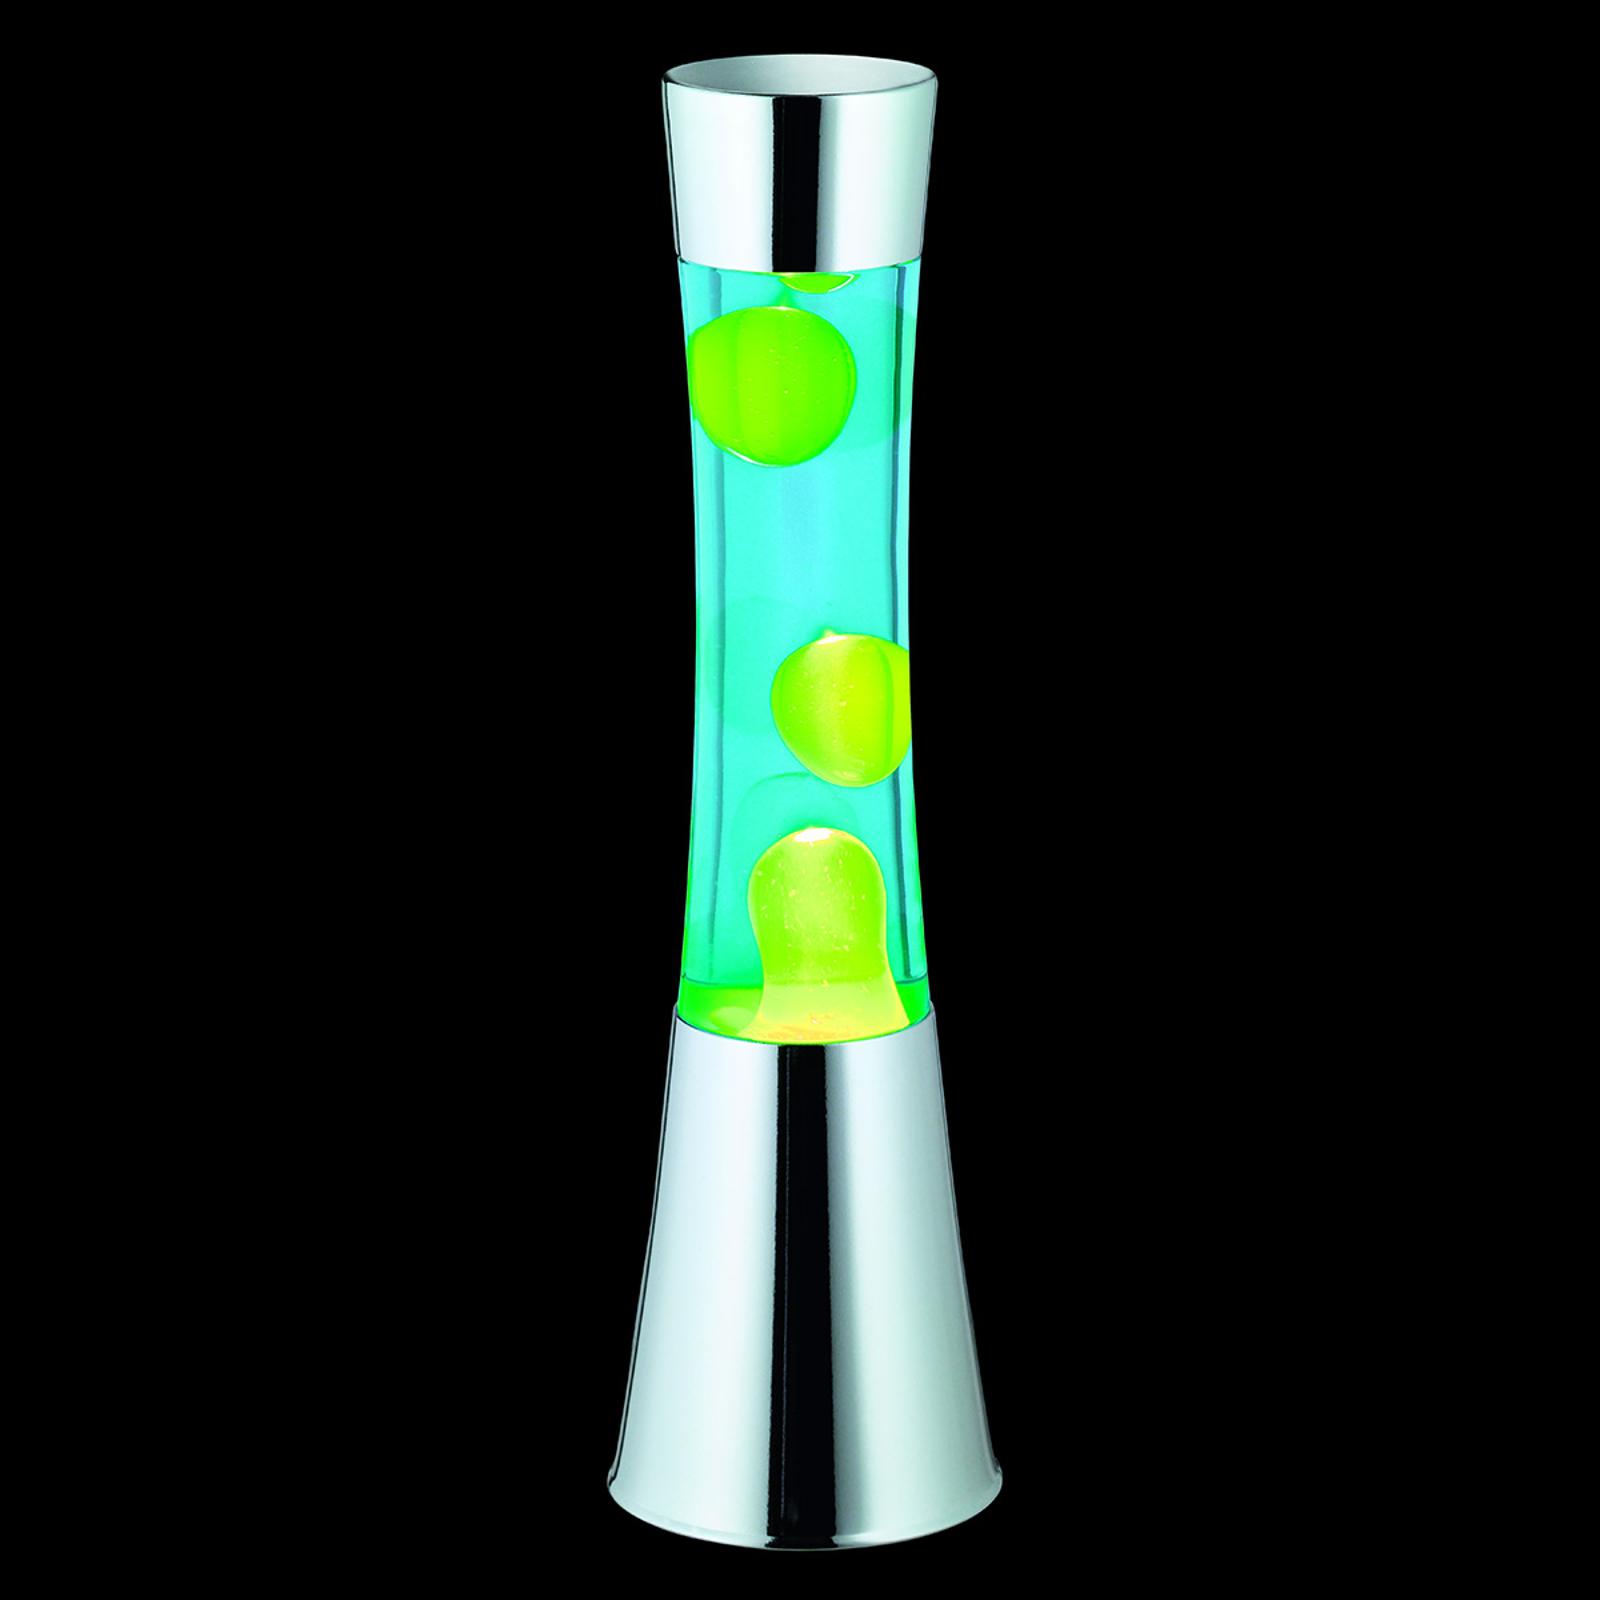 Lampada Jarva cromata con lava verde